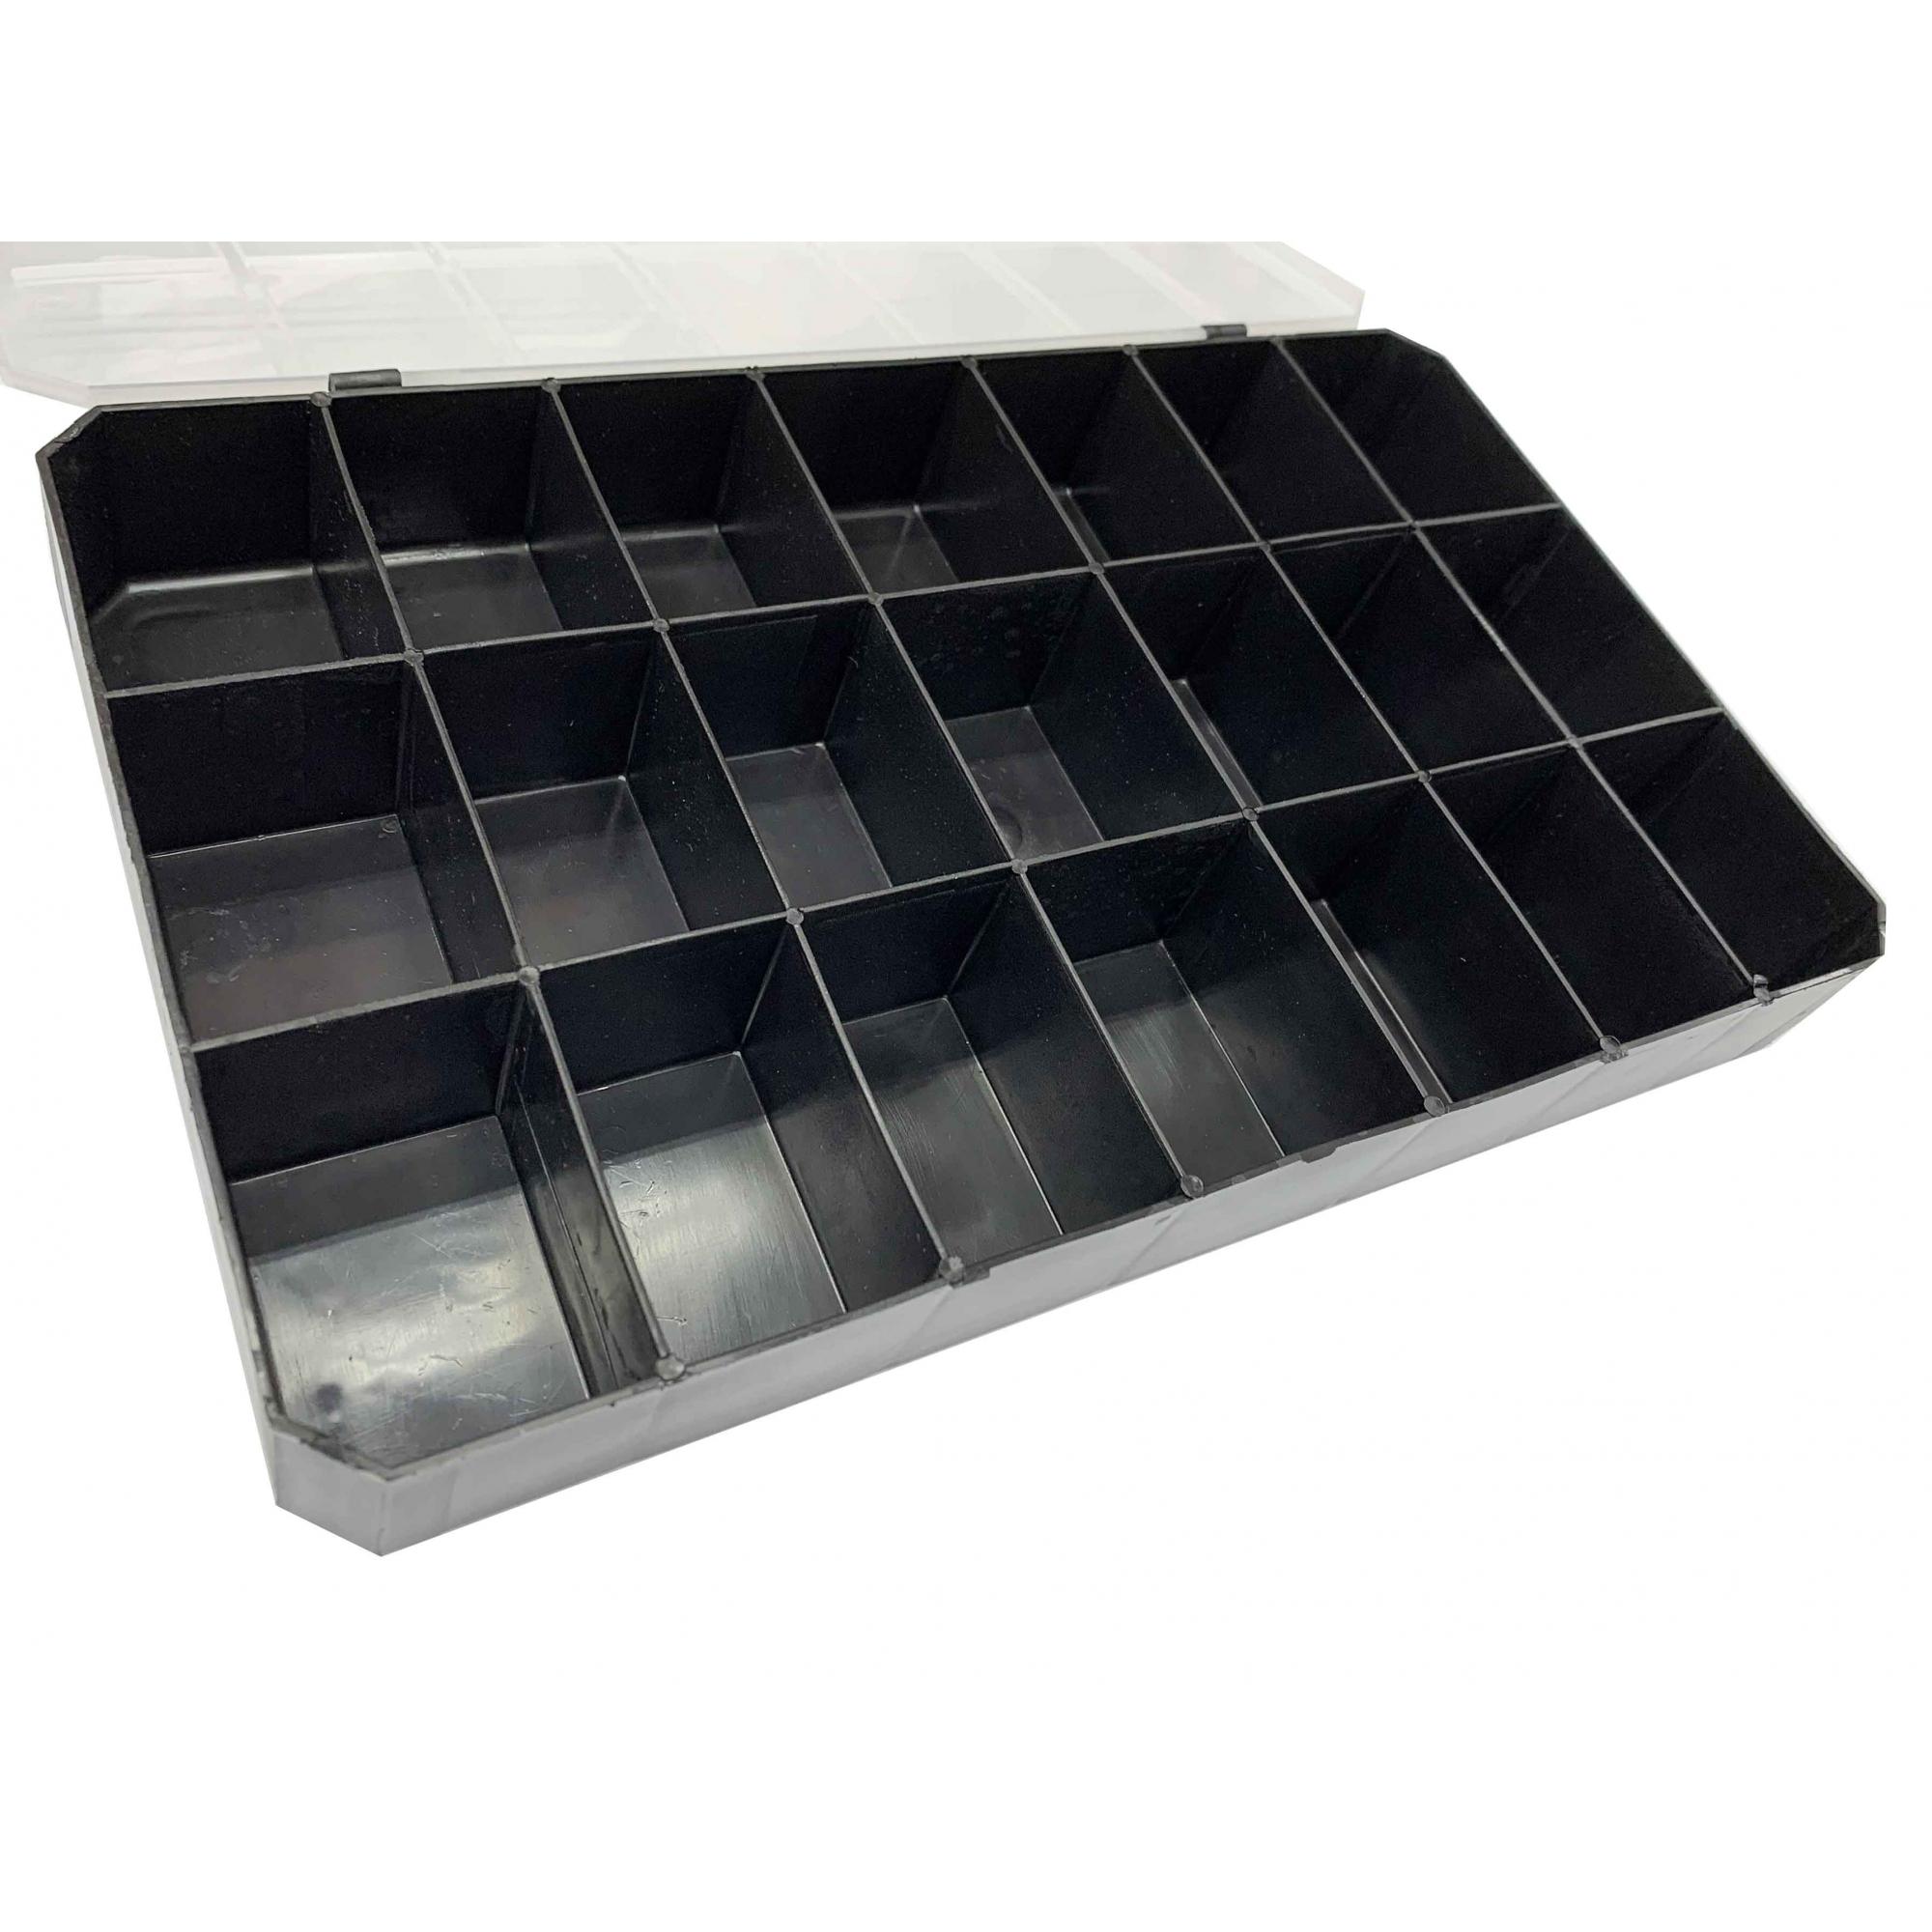 Caixa Organizadora - Transparente e Preto  - Stéphanie Bijoux® - Peças para Bijuterias e Artesanato